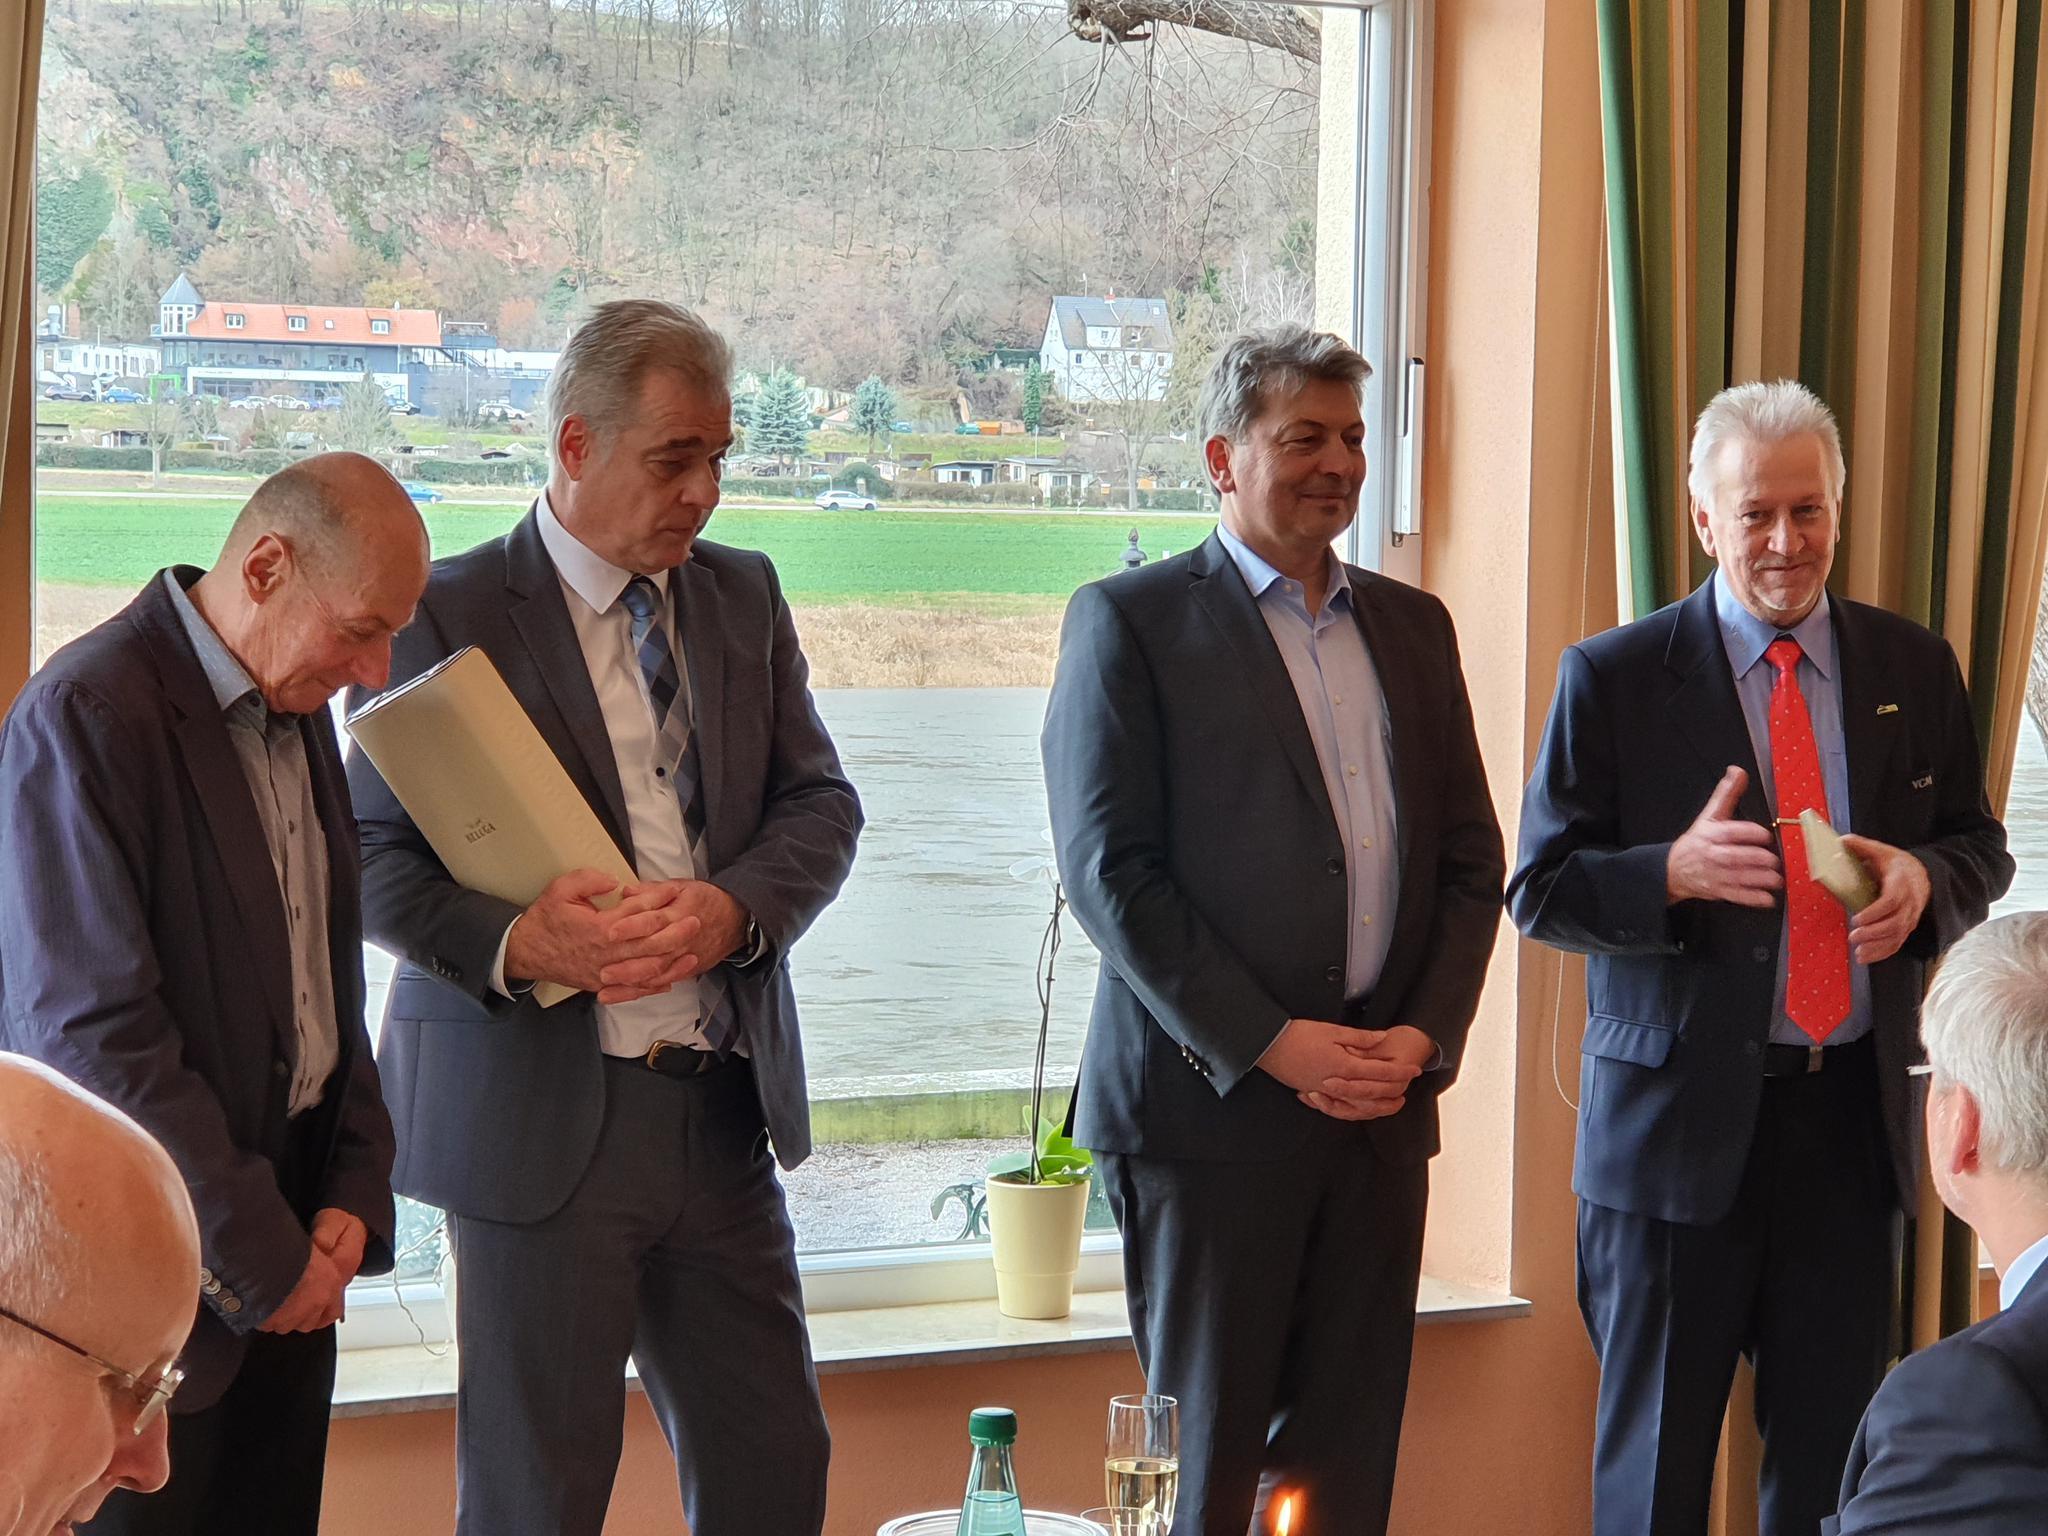 v.links: zwei VGM-Chefs; LR A. Steinbach; D. Damaschke